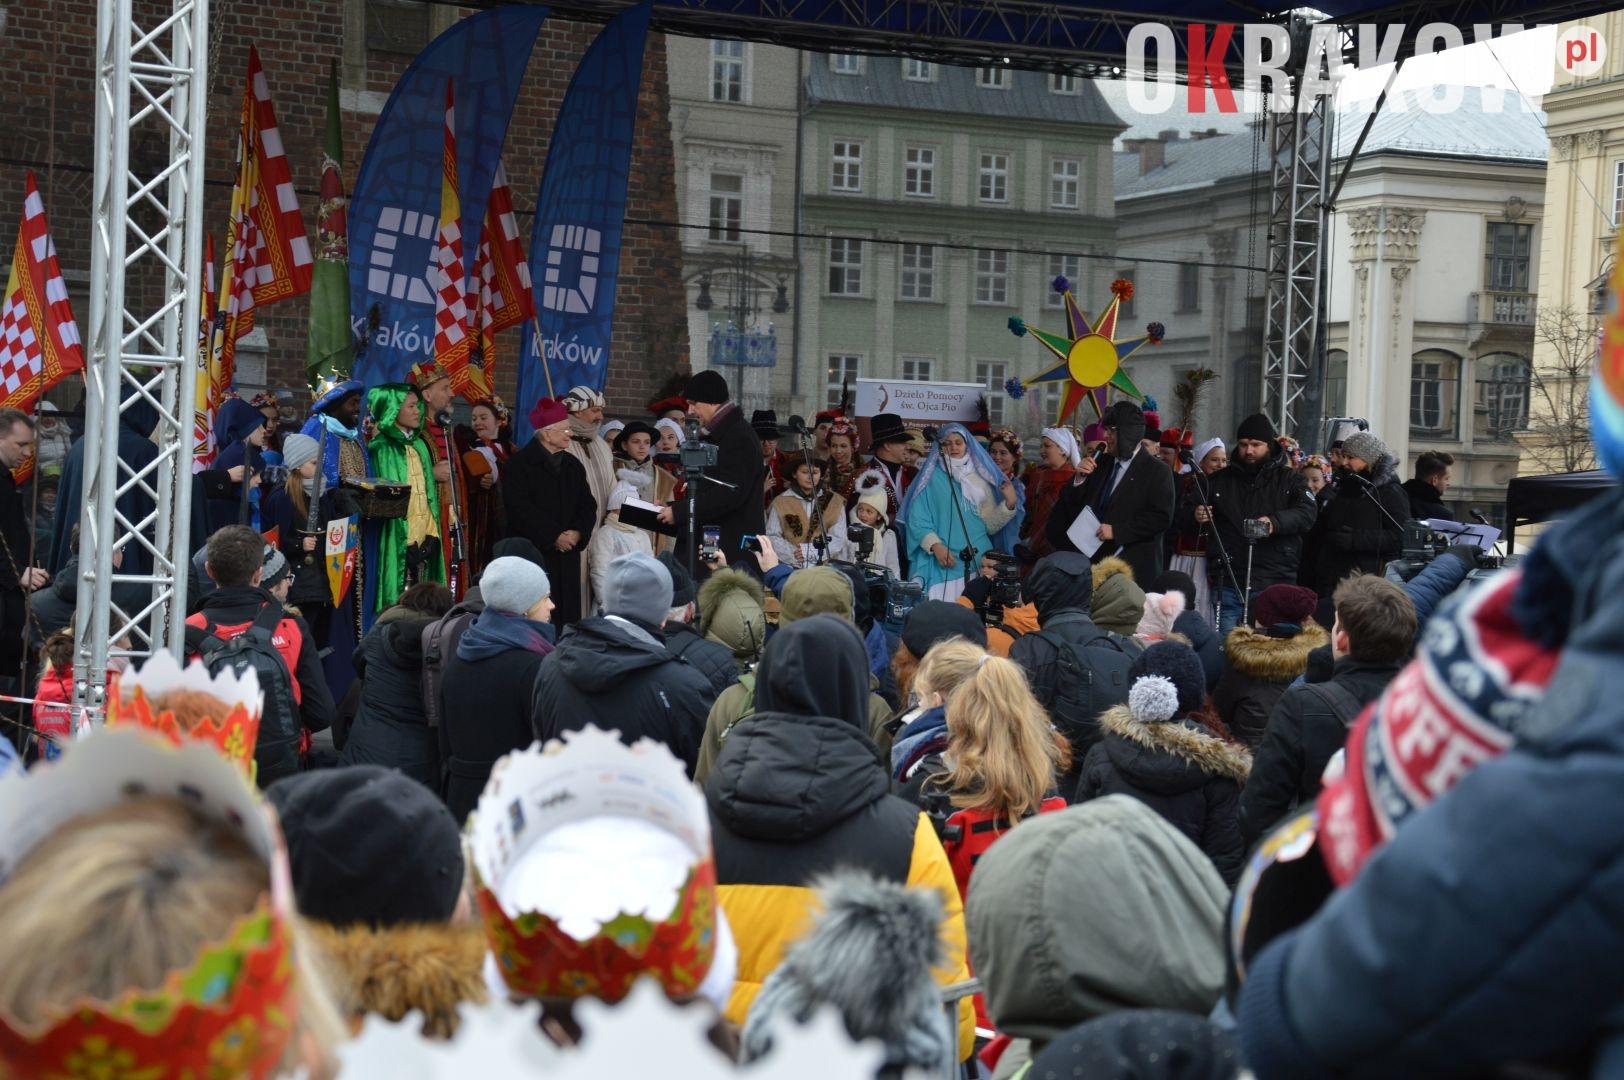 orszak 54 1 150x150 - Orszak Trzech Króli Kraków 2020 Galeria Zdjęć z Orszaku (czerwonego)